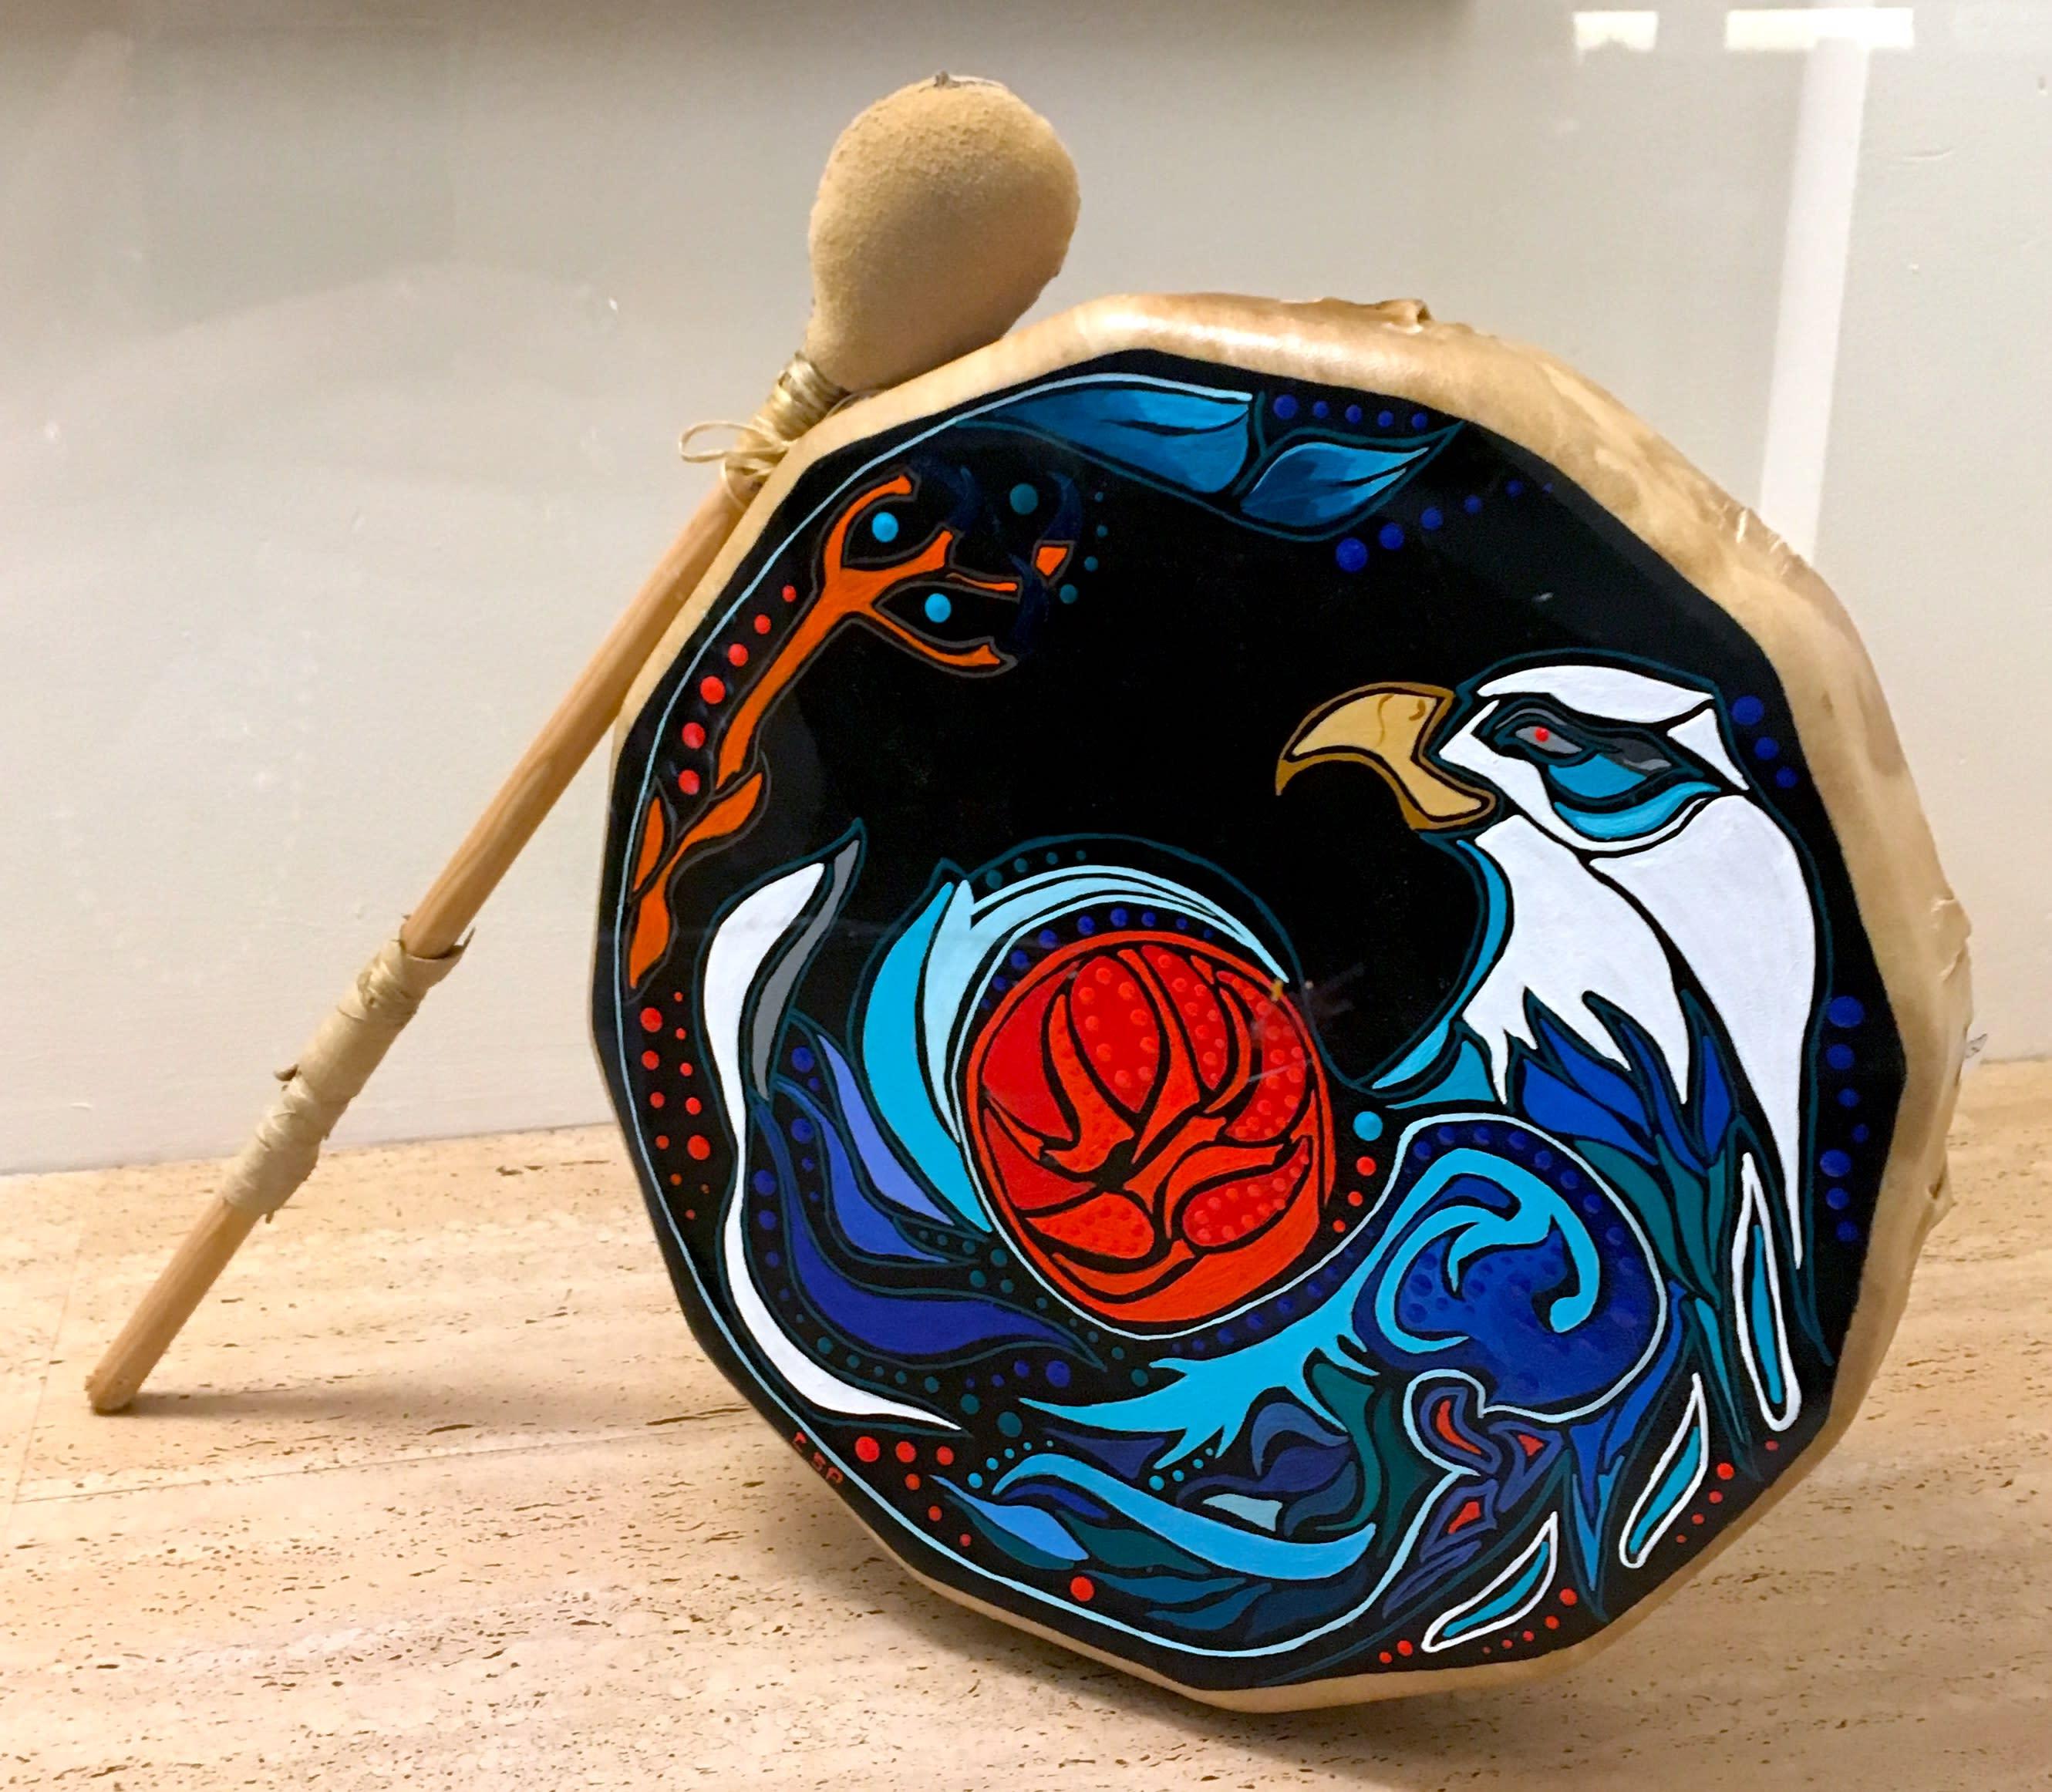 Raven drum s9l9yi